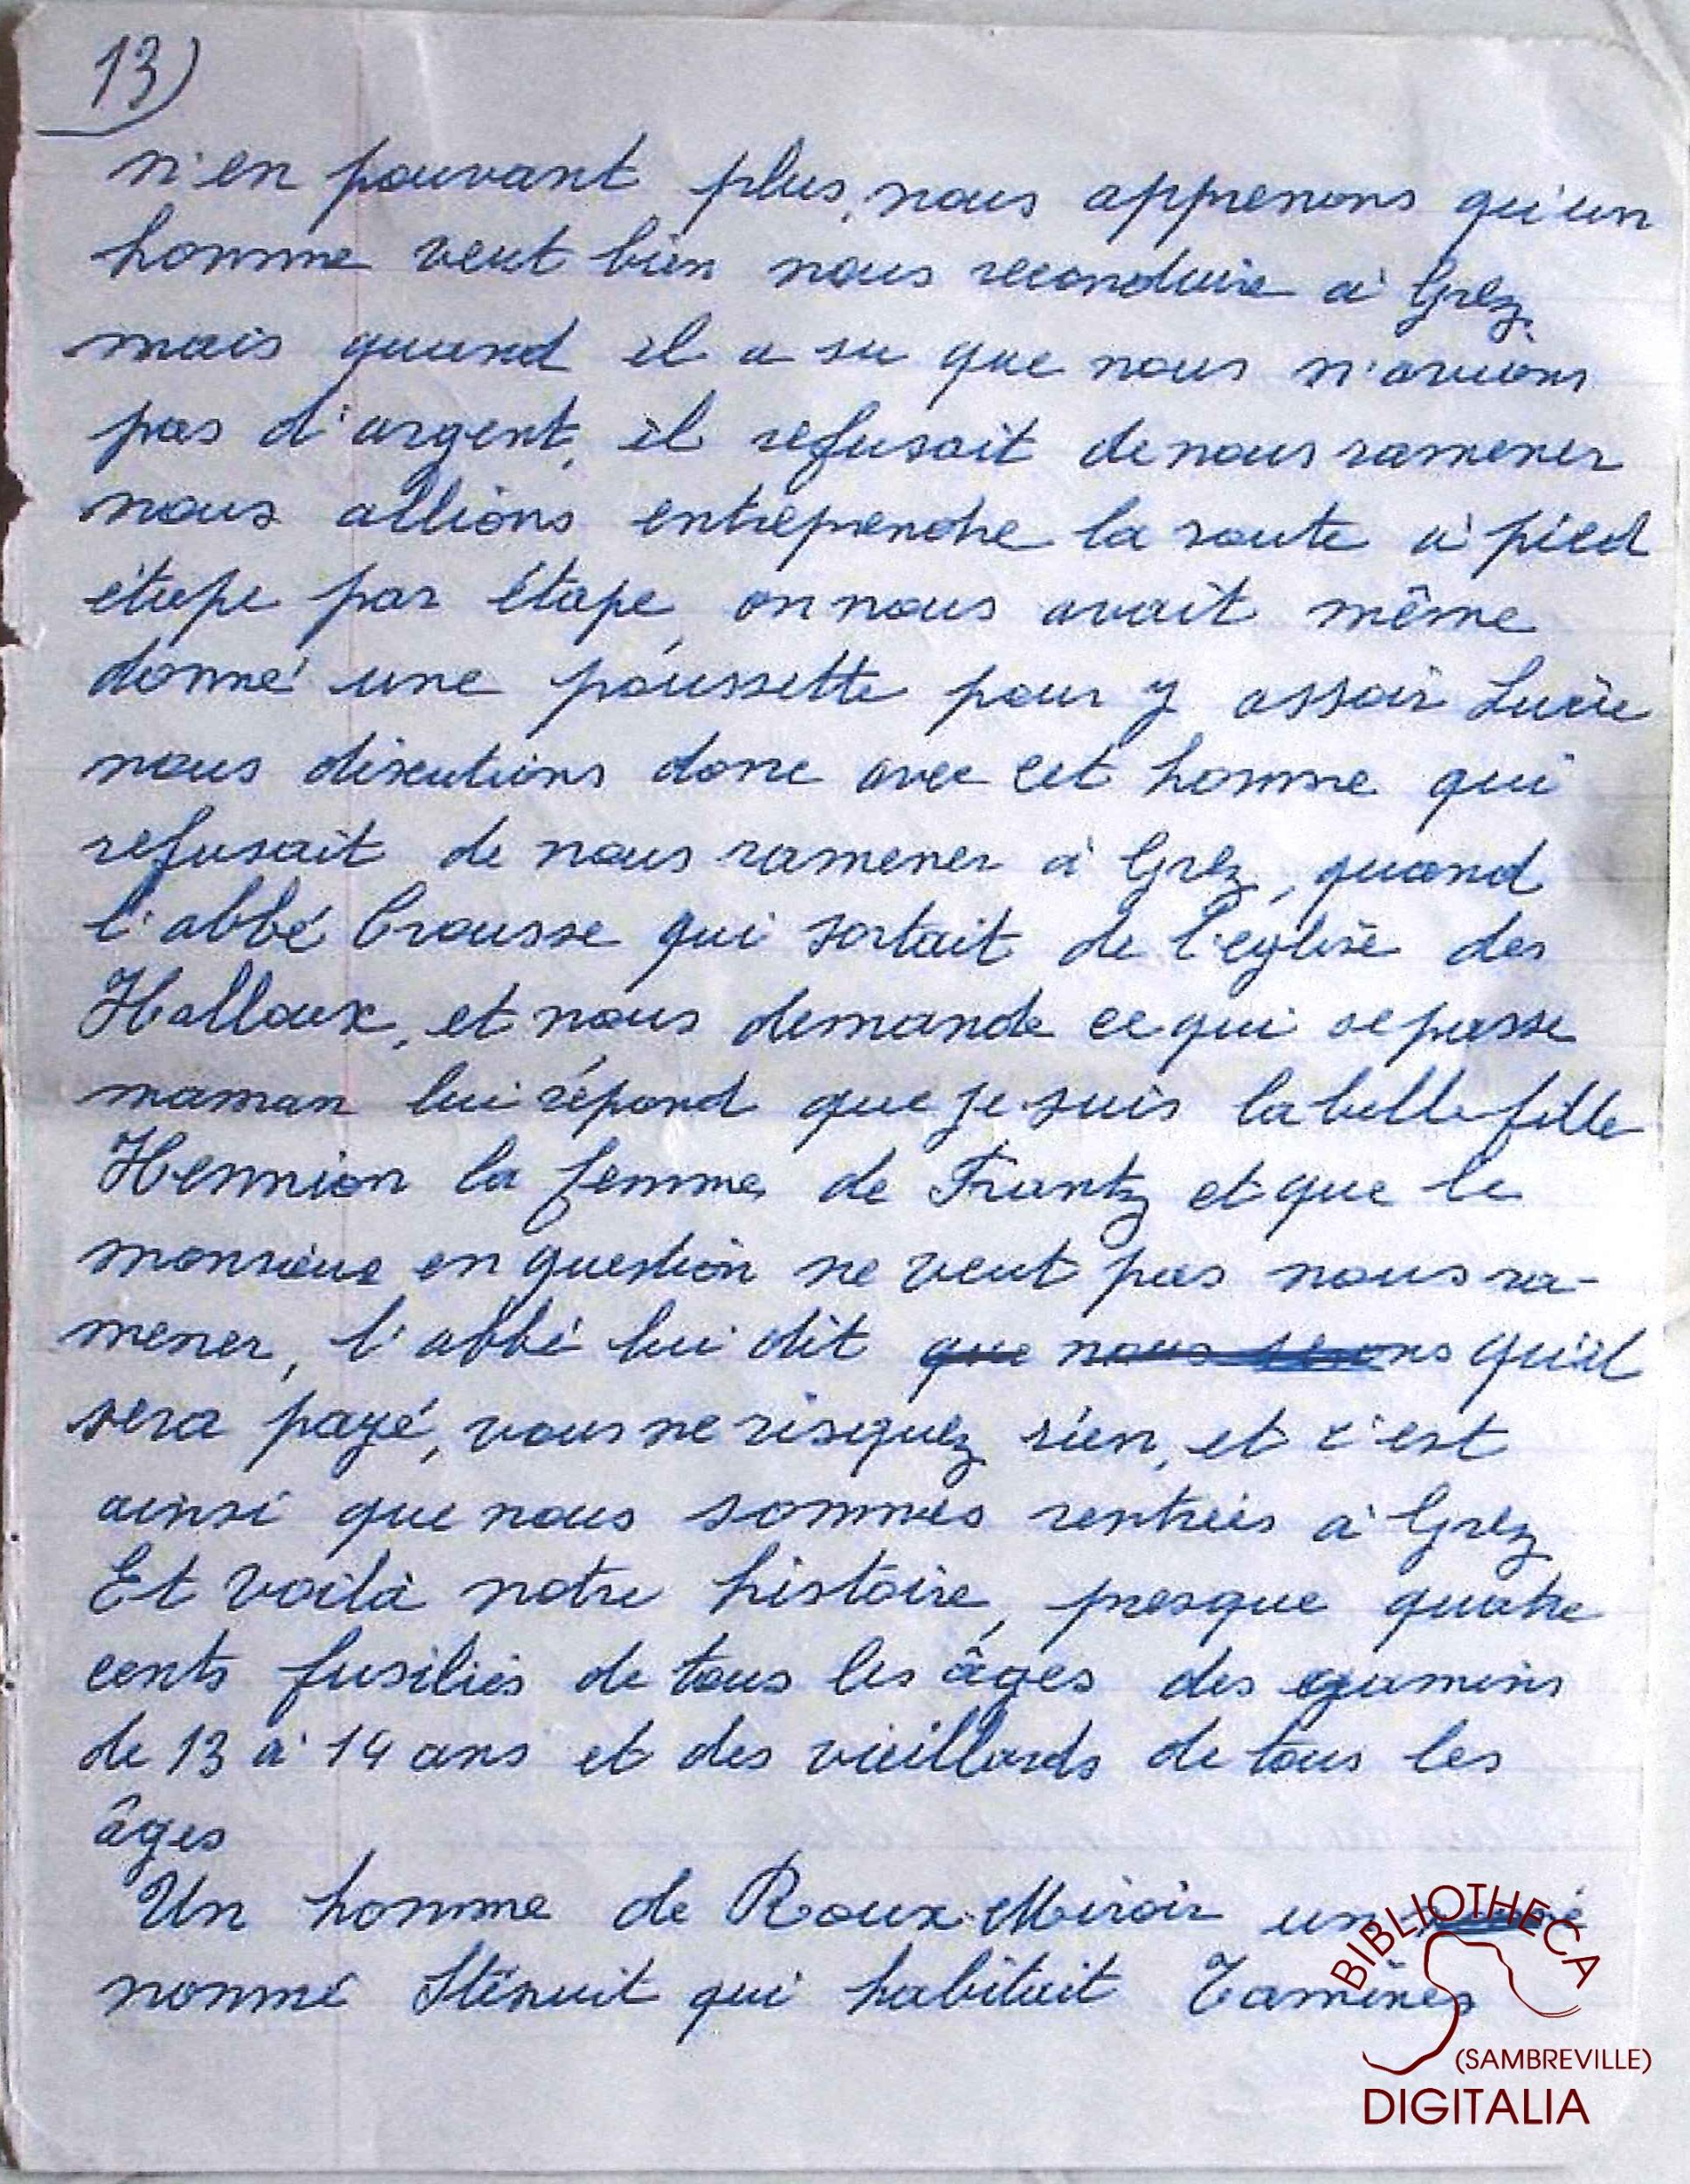 Témoignage manuscrit de Madame HENNION, survivante du massacre de Tamines, page 13